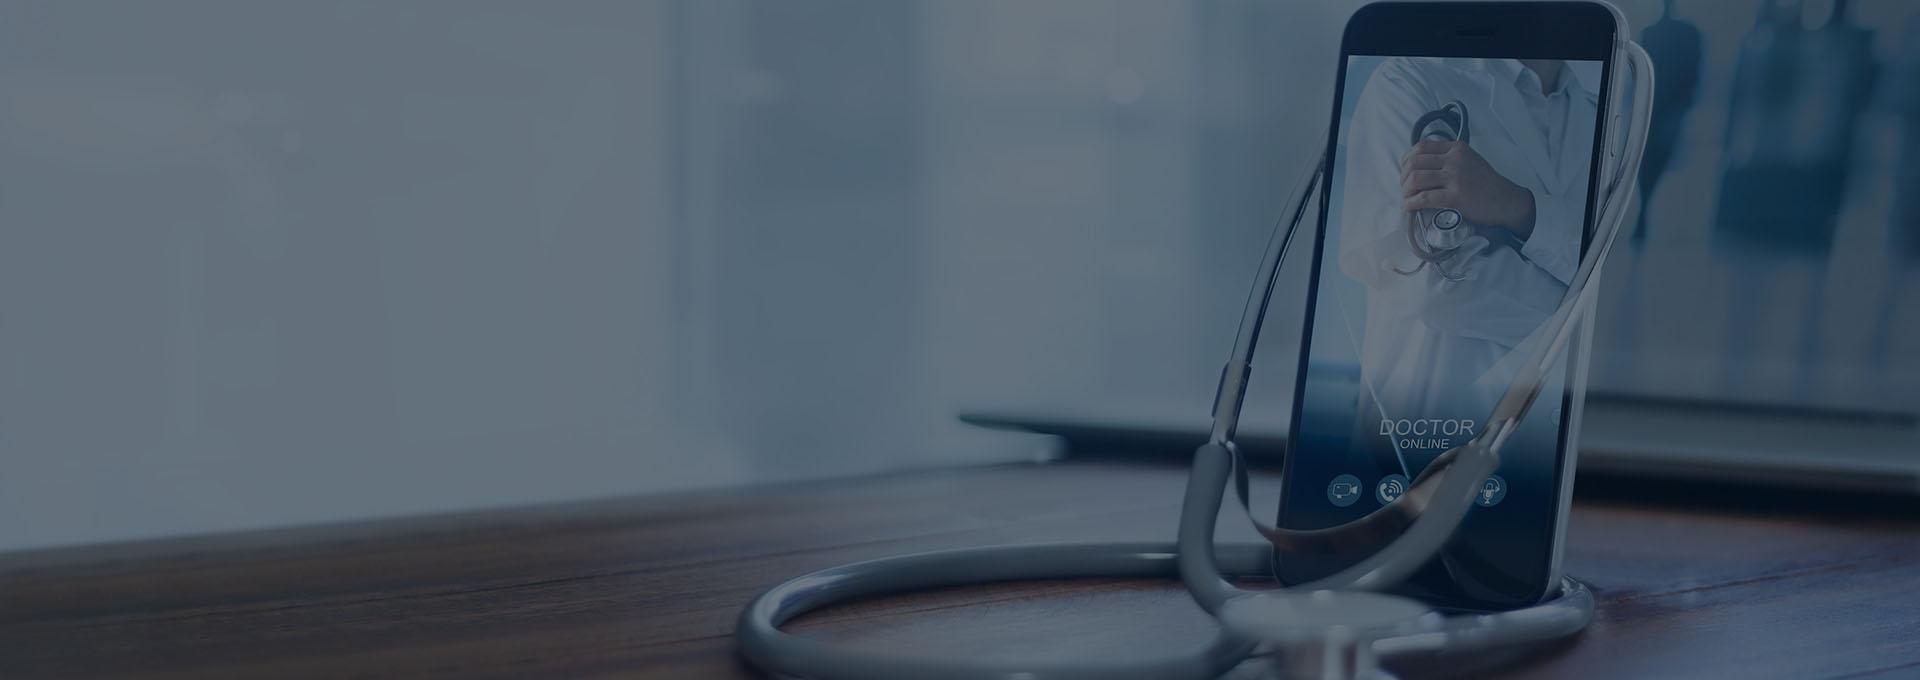 Doctors App Development-banner-1